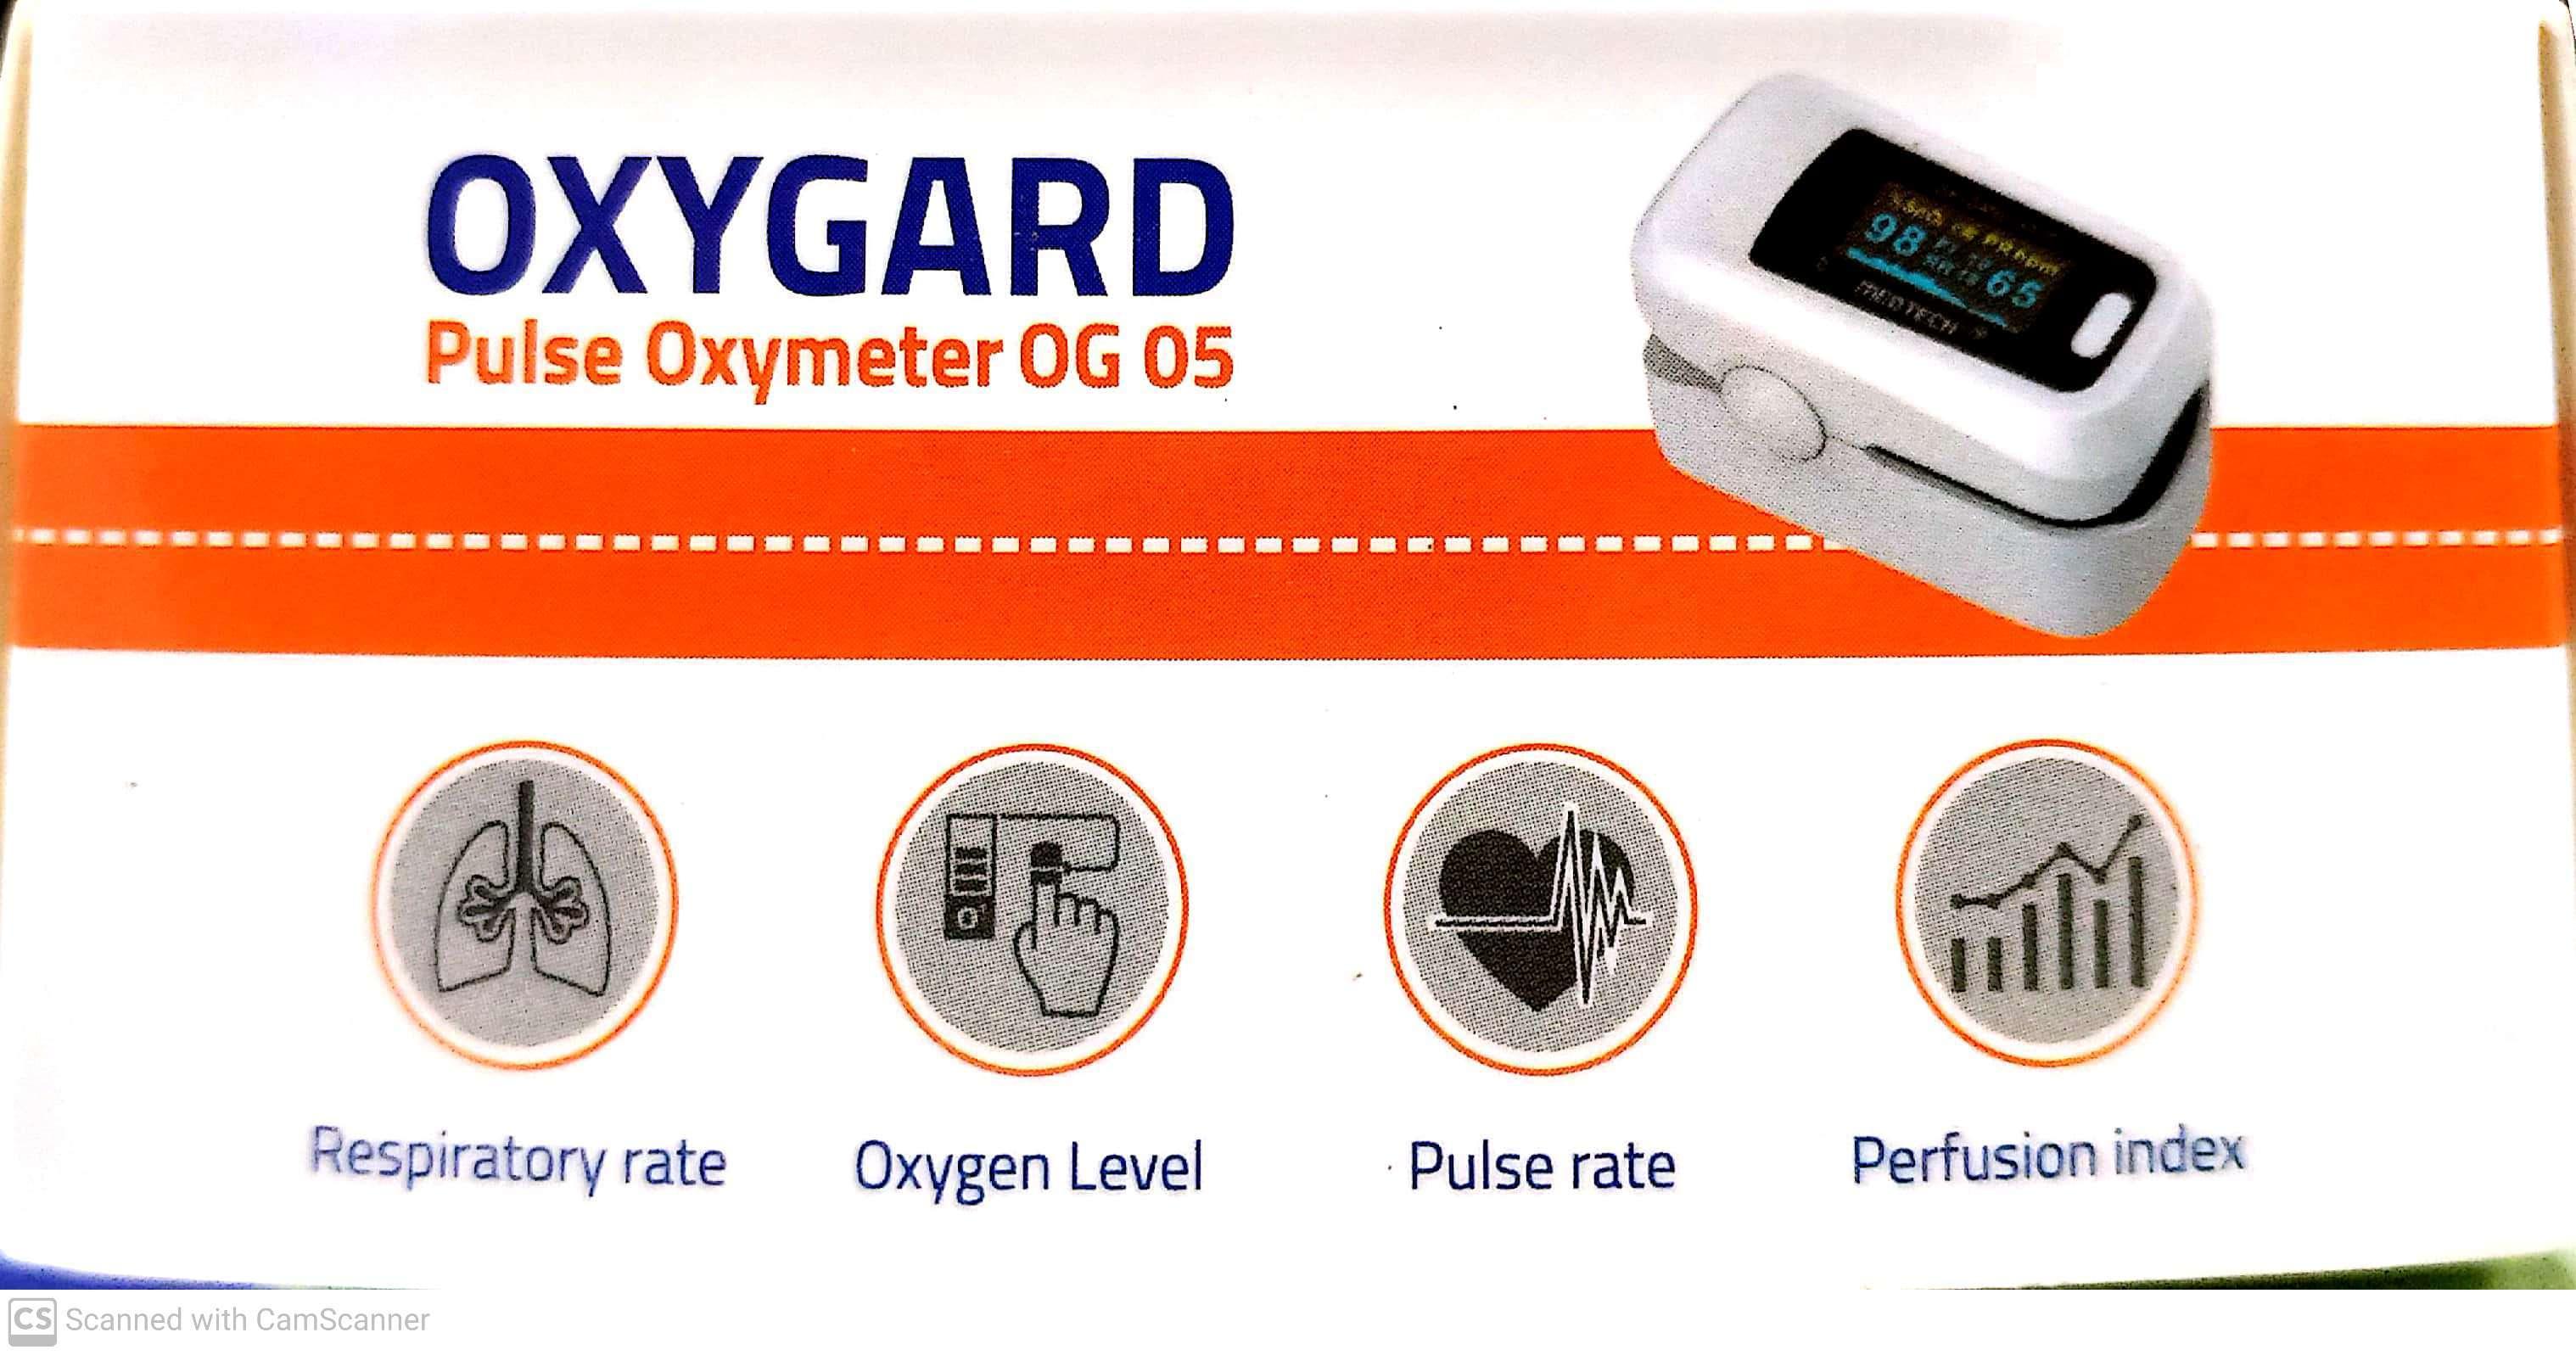 Oxgard Pulse Oxymeter